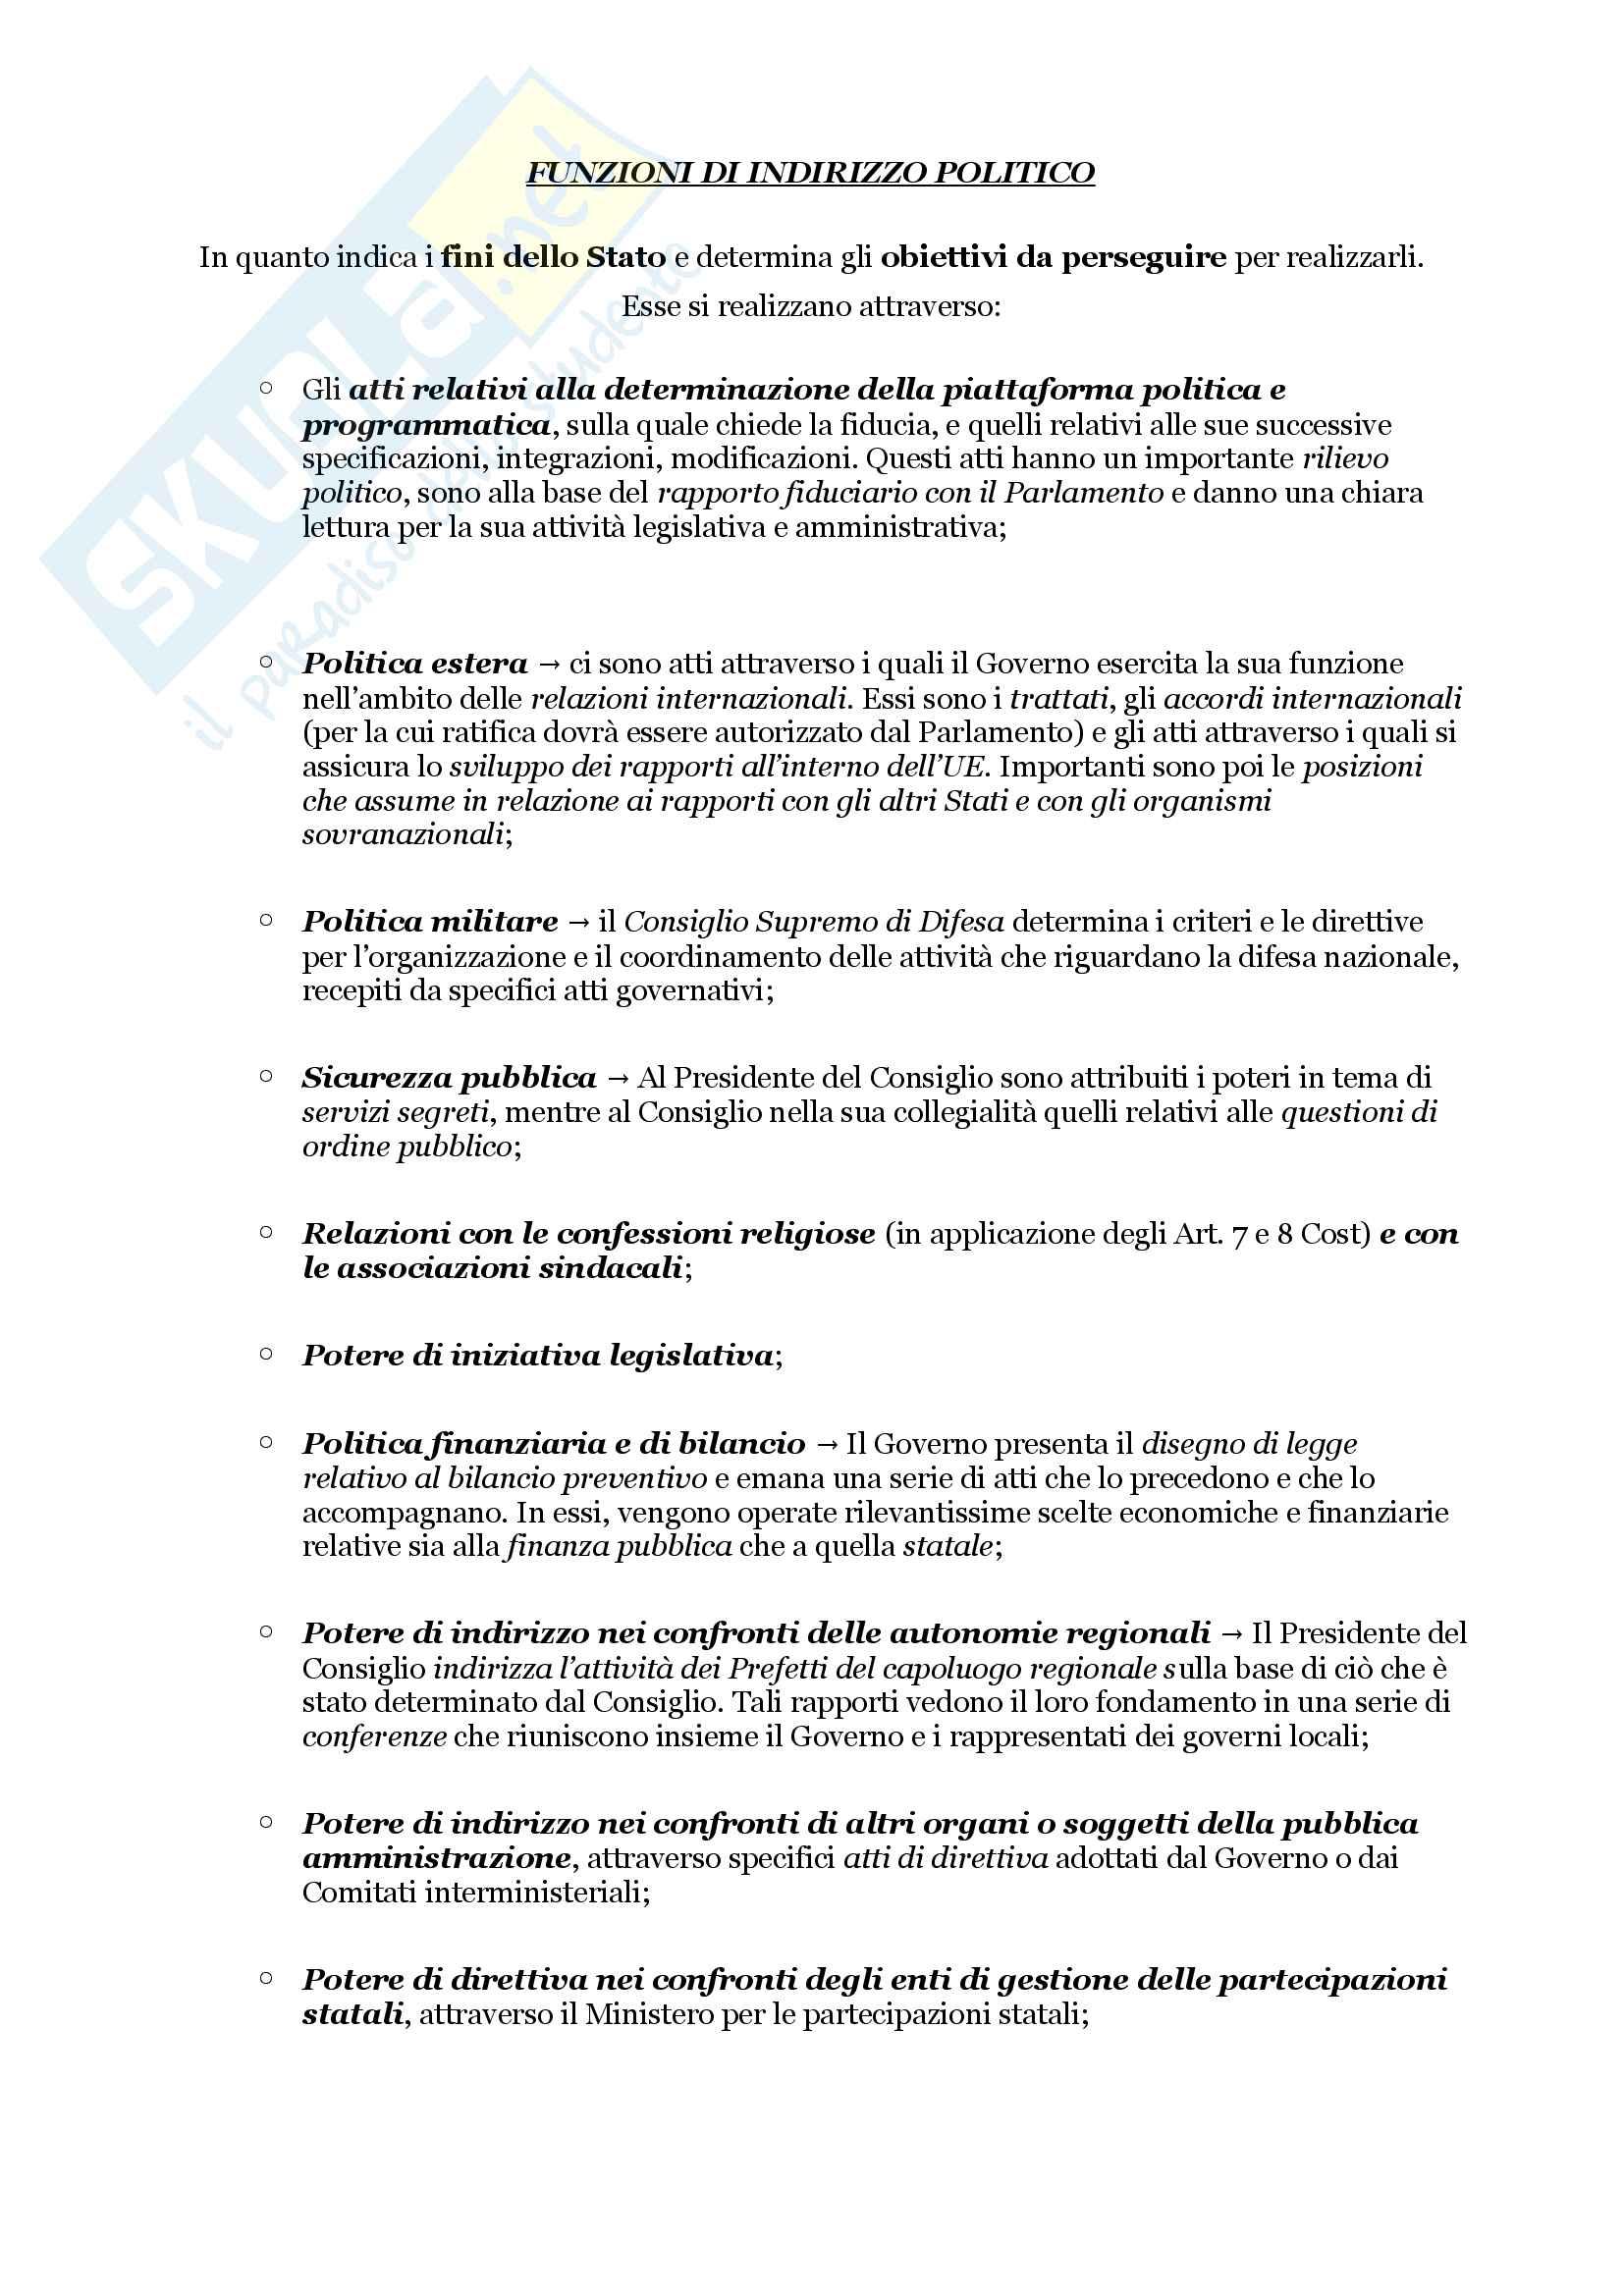 Schemi riassuntivi di istituzioni di diritto pubblico (libro di riferimento: Diritto costituzionale e pubblico, Carretti, De Siervo) Pag. 41